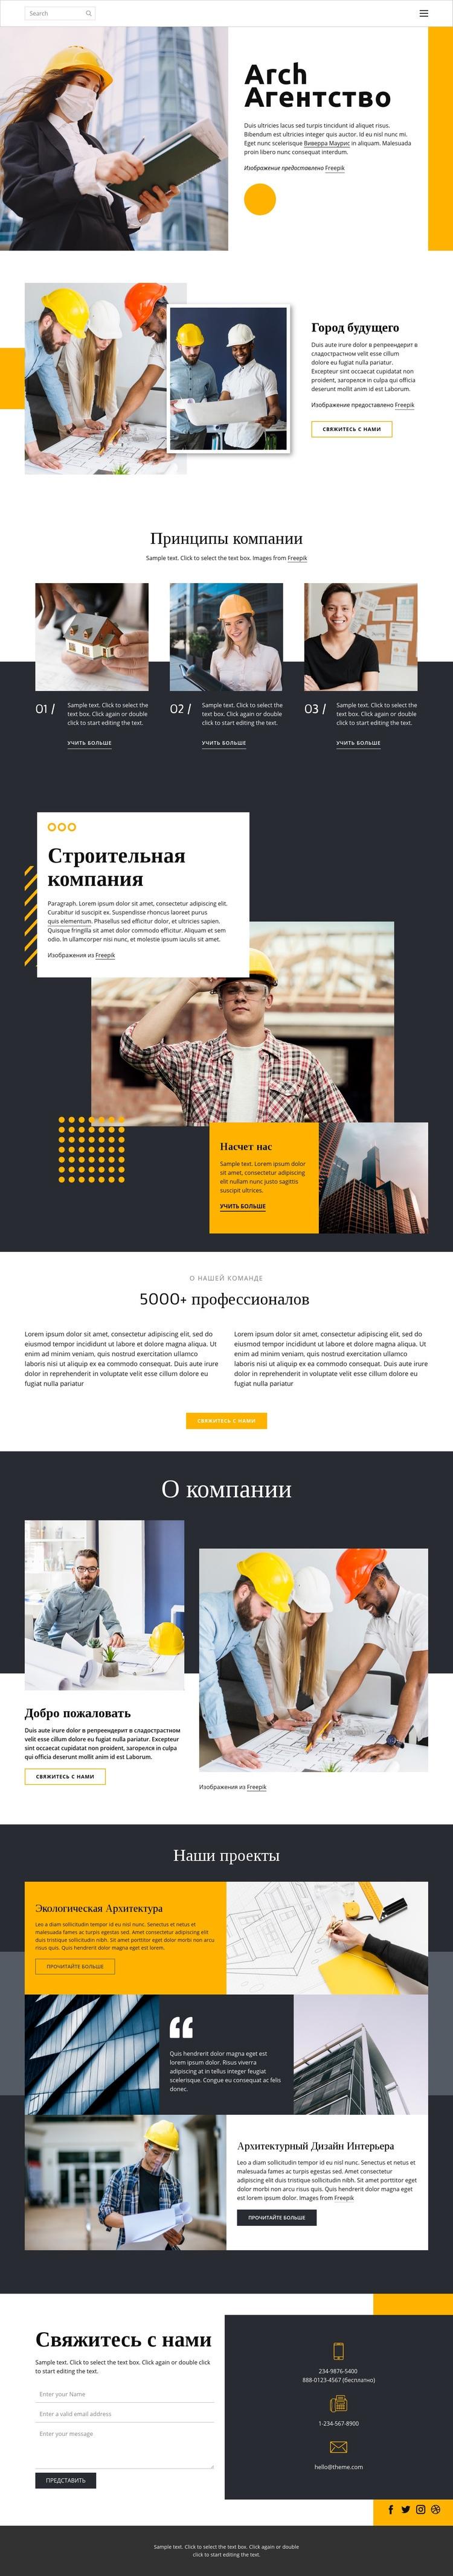 Отмеченные наградами архитекторы Шаблон веб-сайта